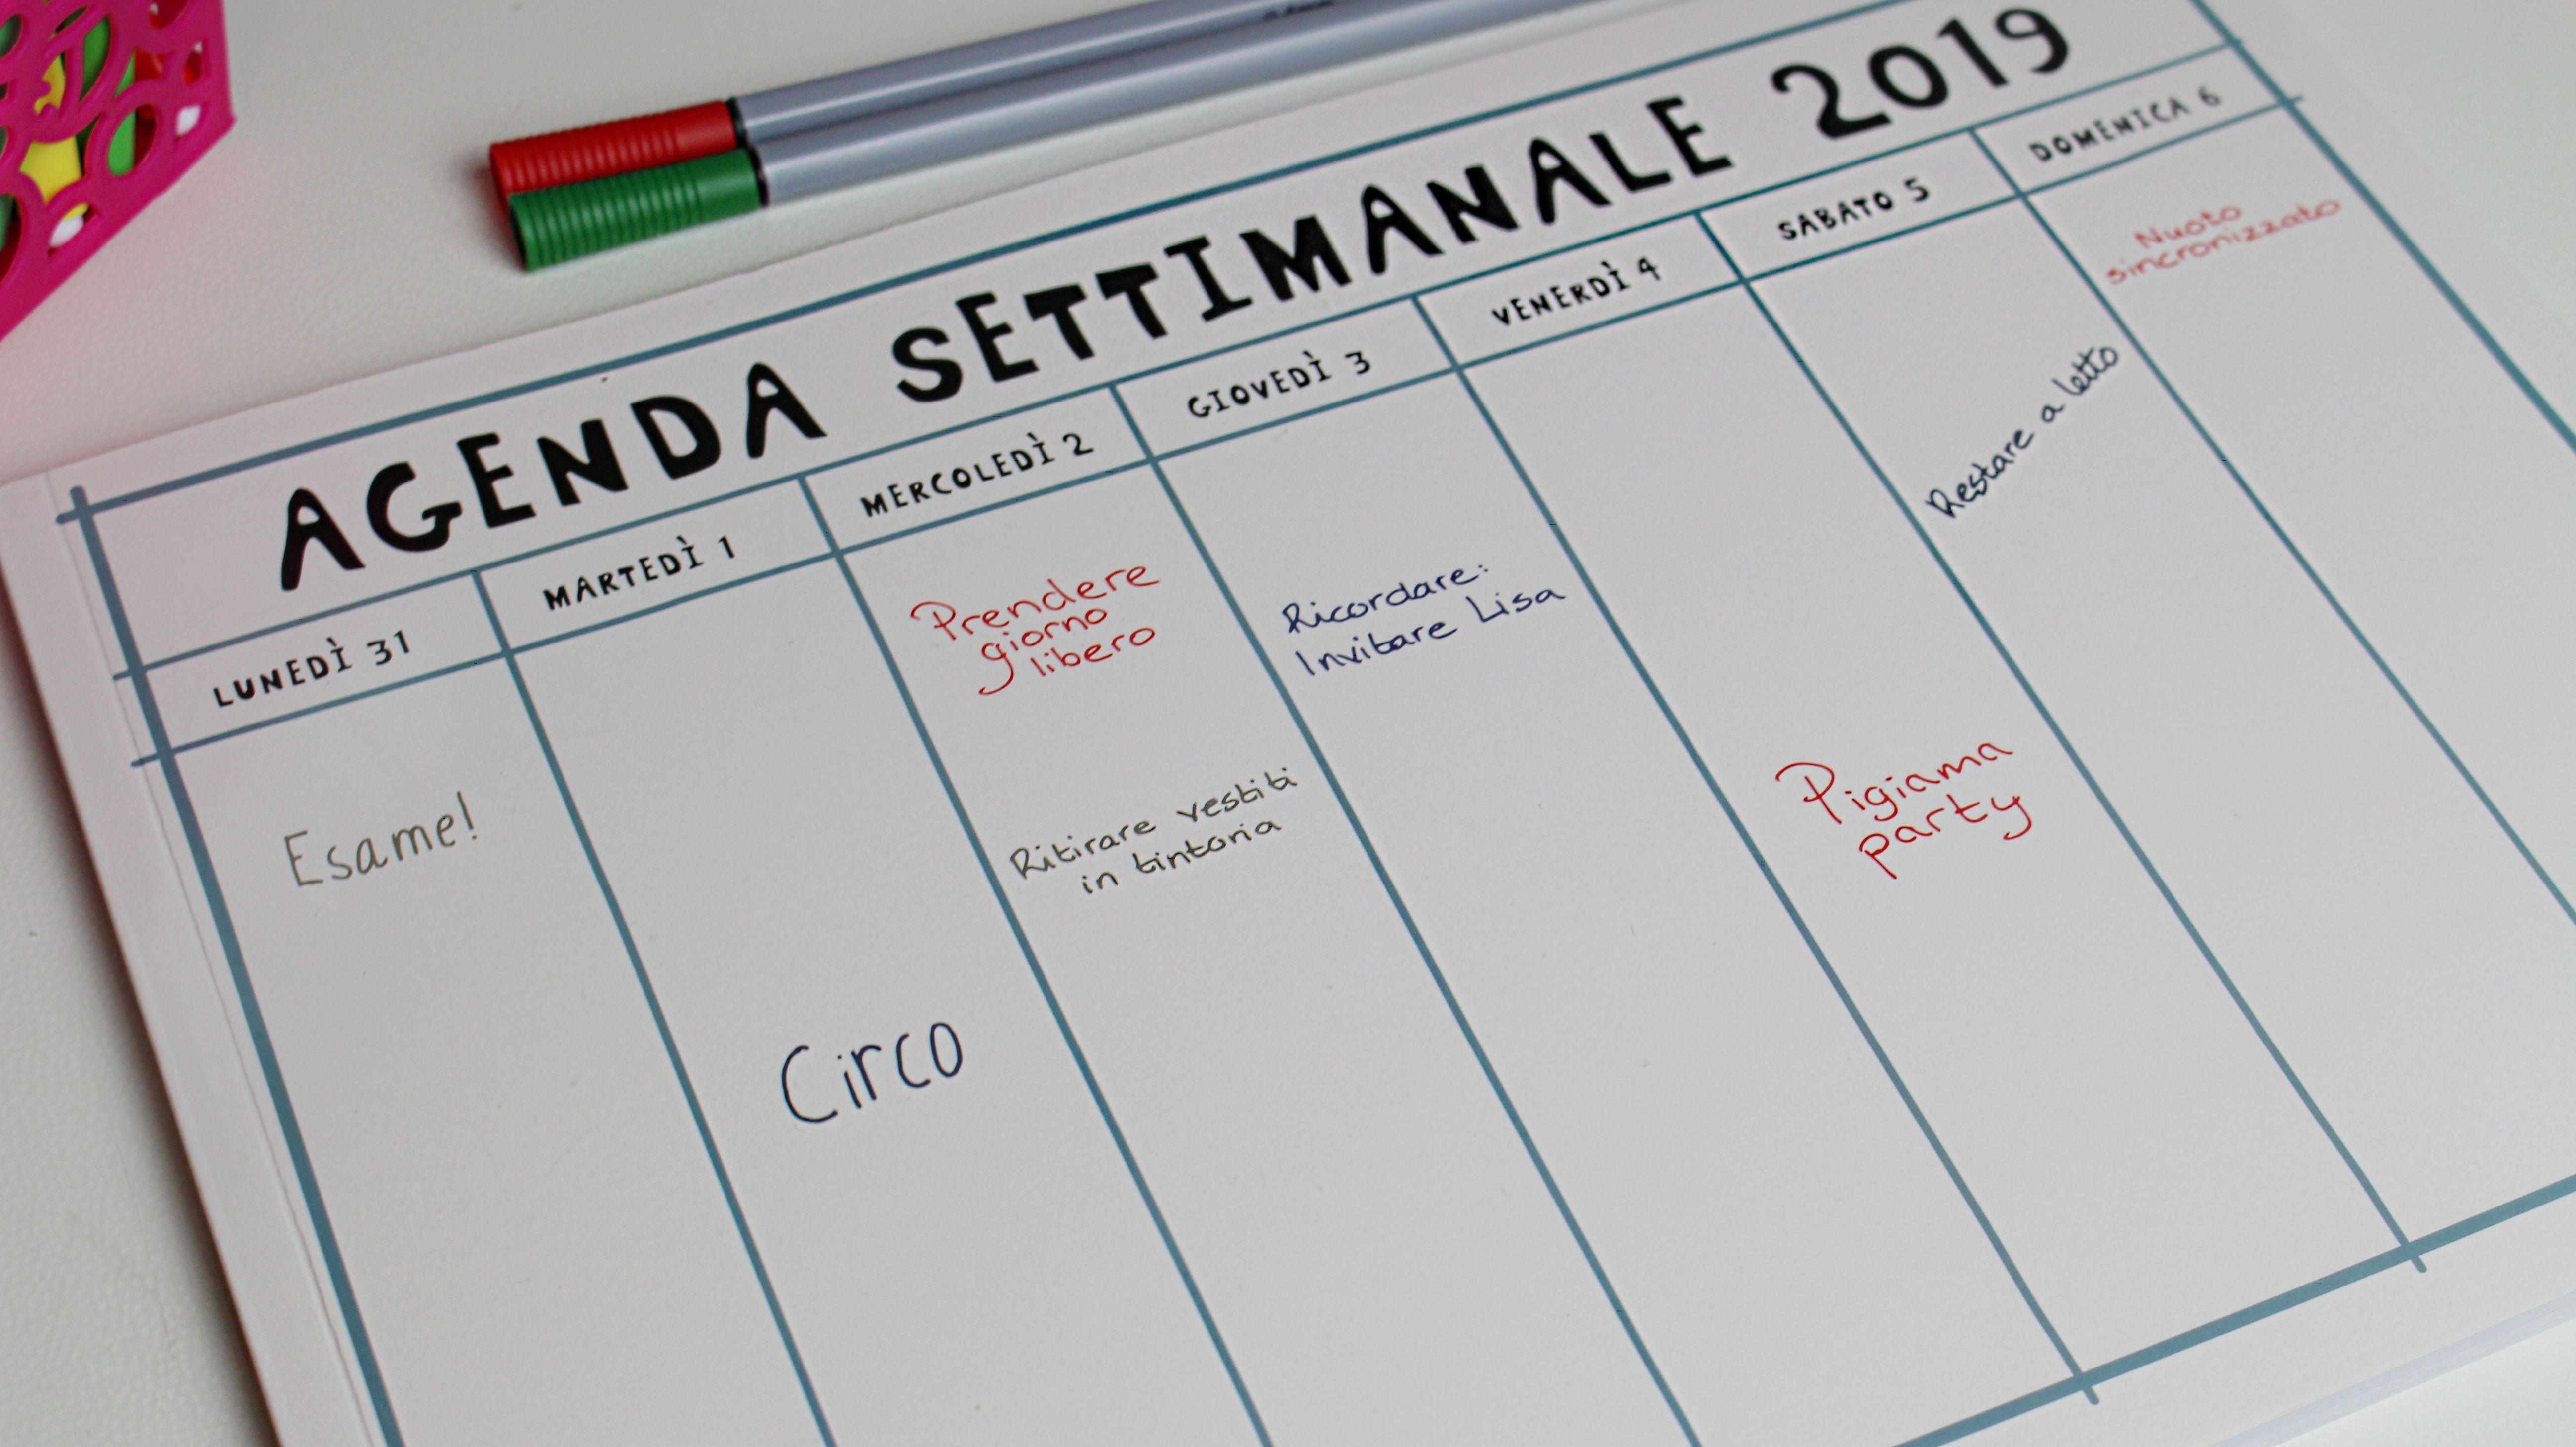 Calendario Tiger 2019.Agenda Settimanale 2019 Tiger Blog Agenda Settimanale